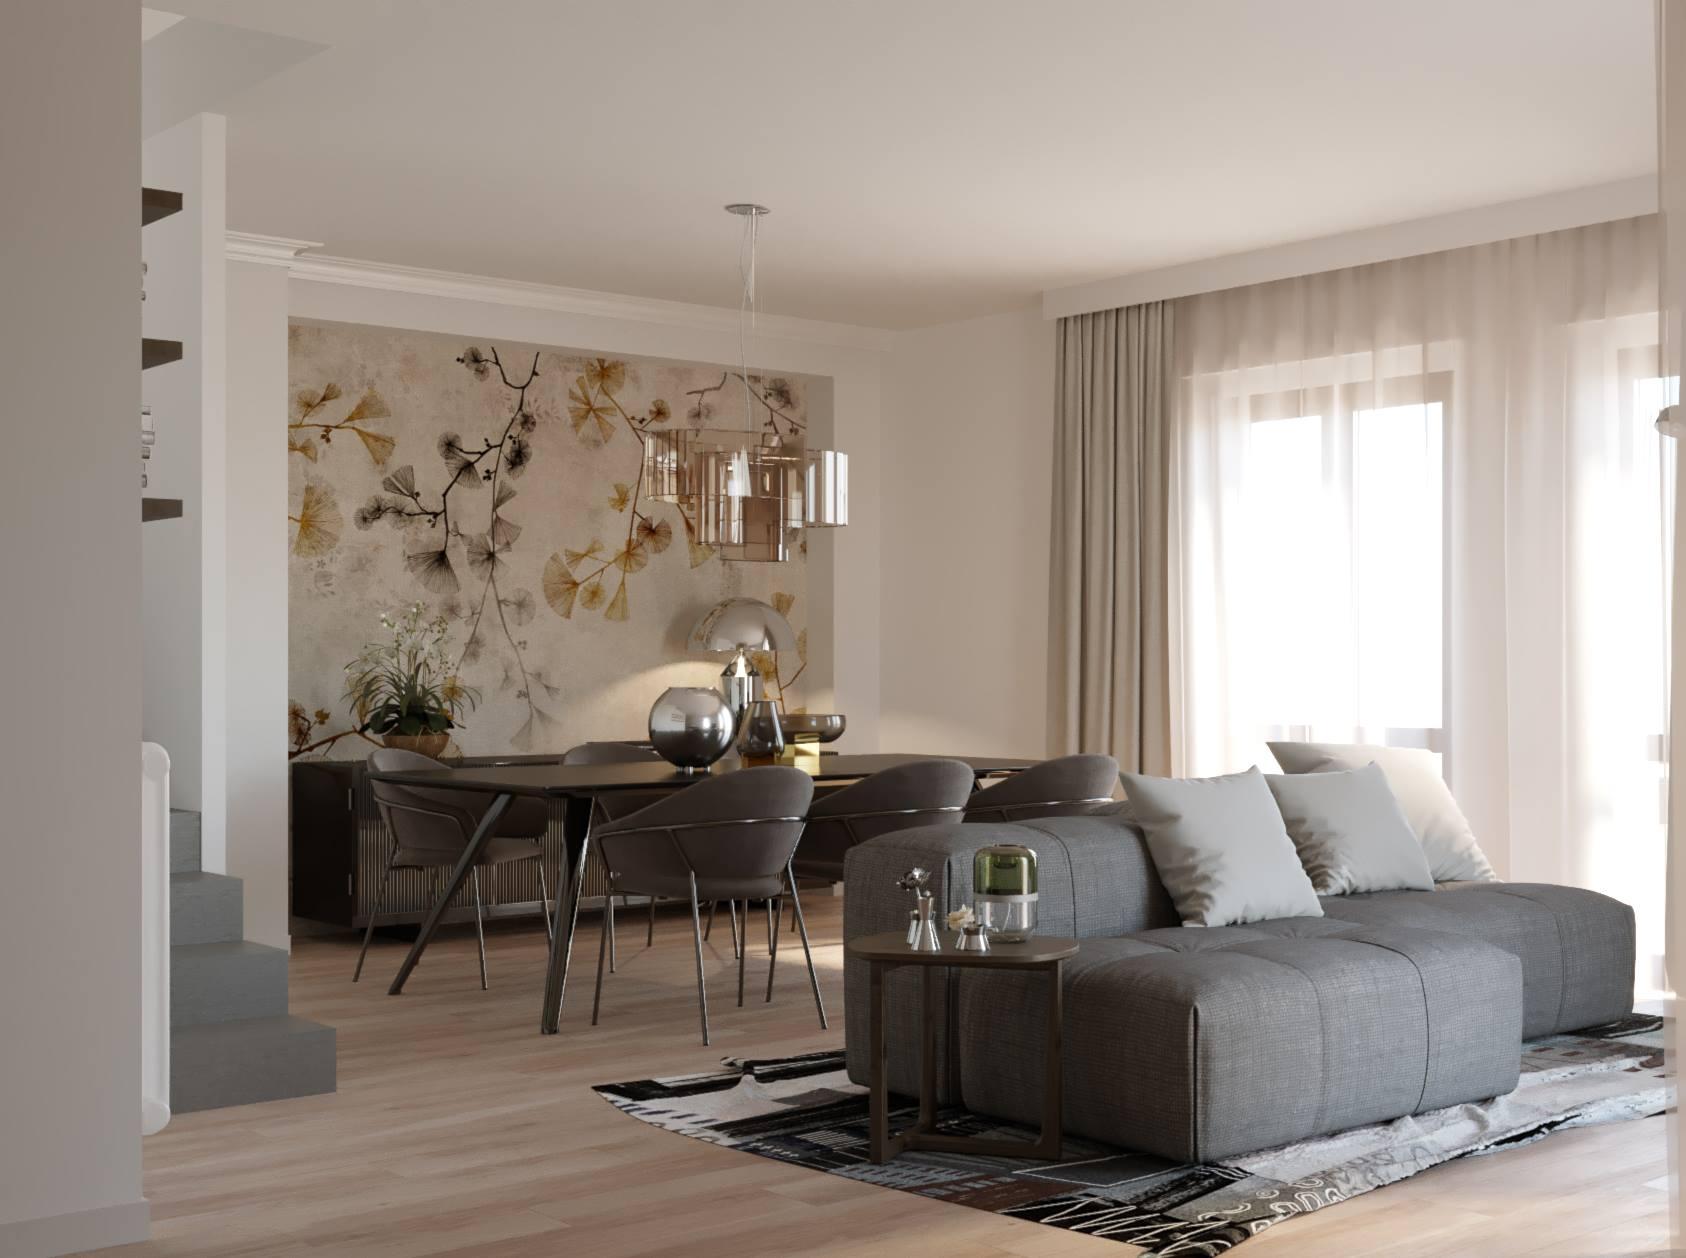 Gaia miacola architetto e interior designer for Interni e progetti